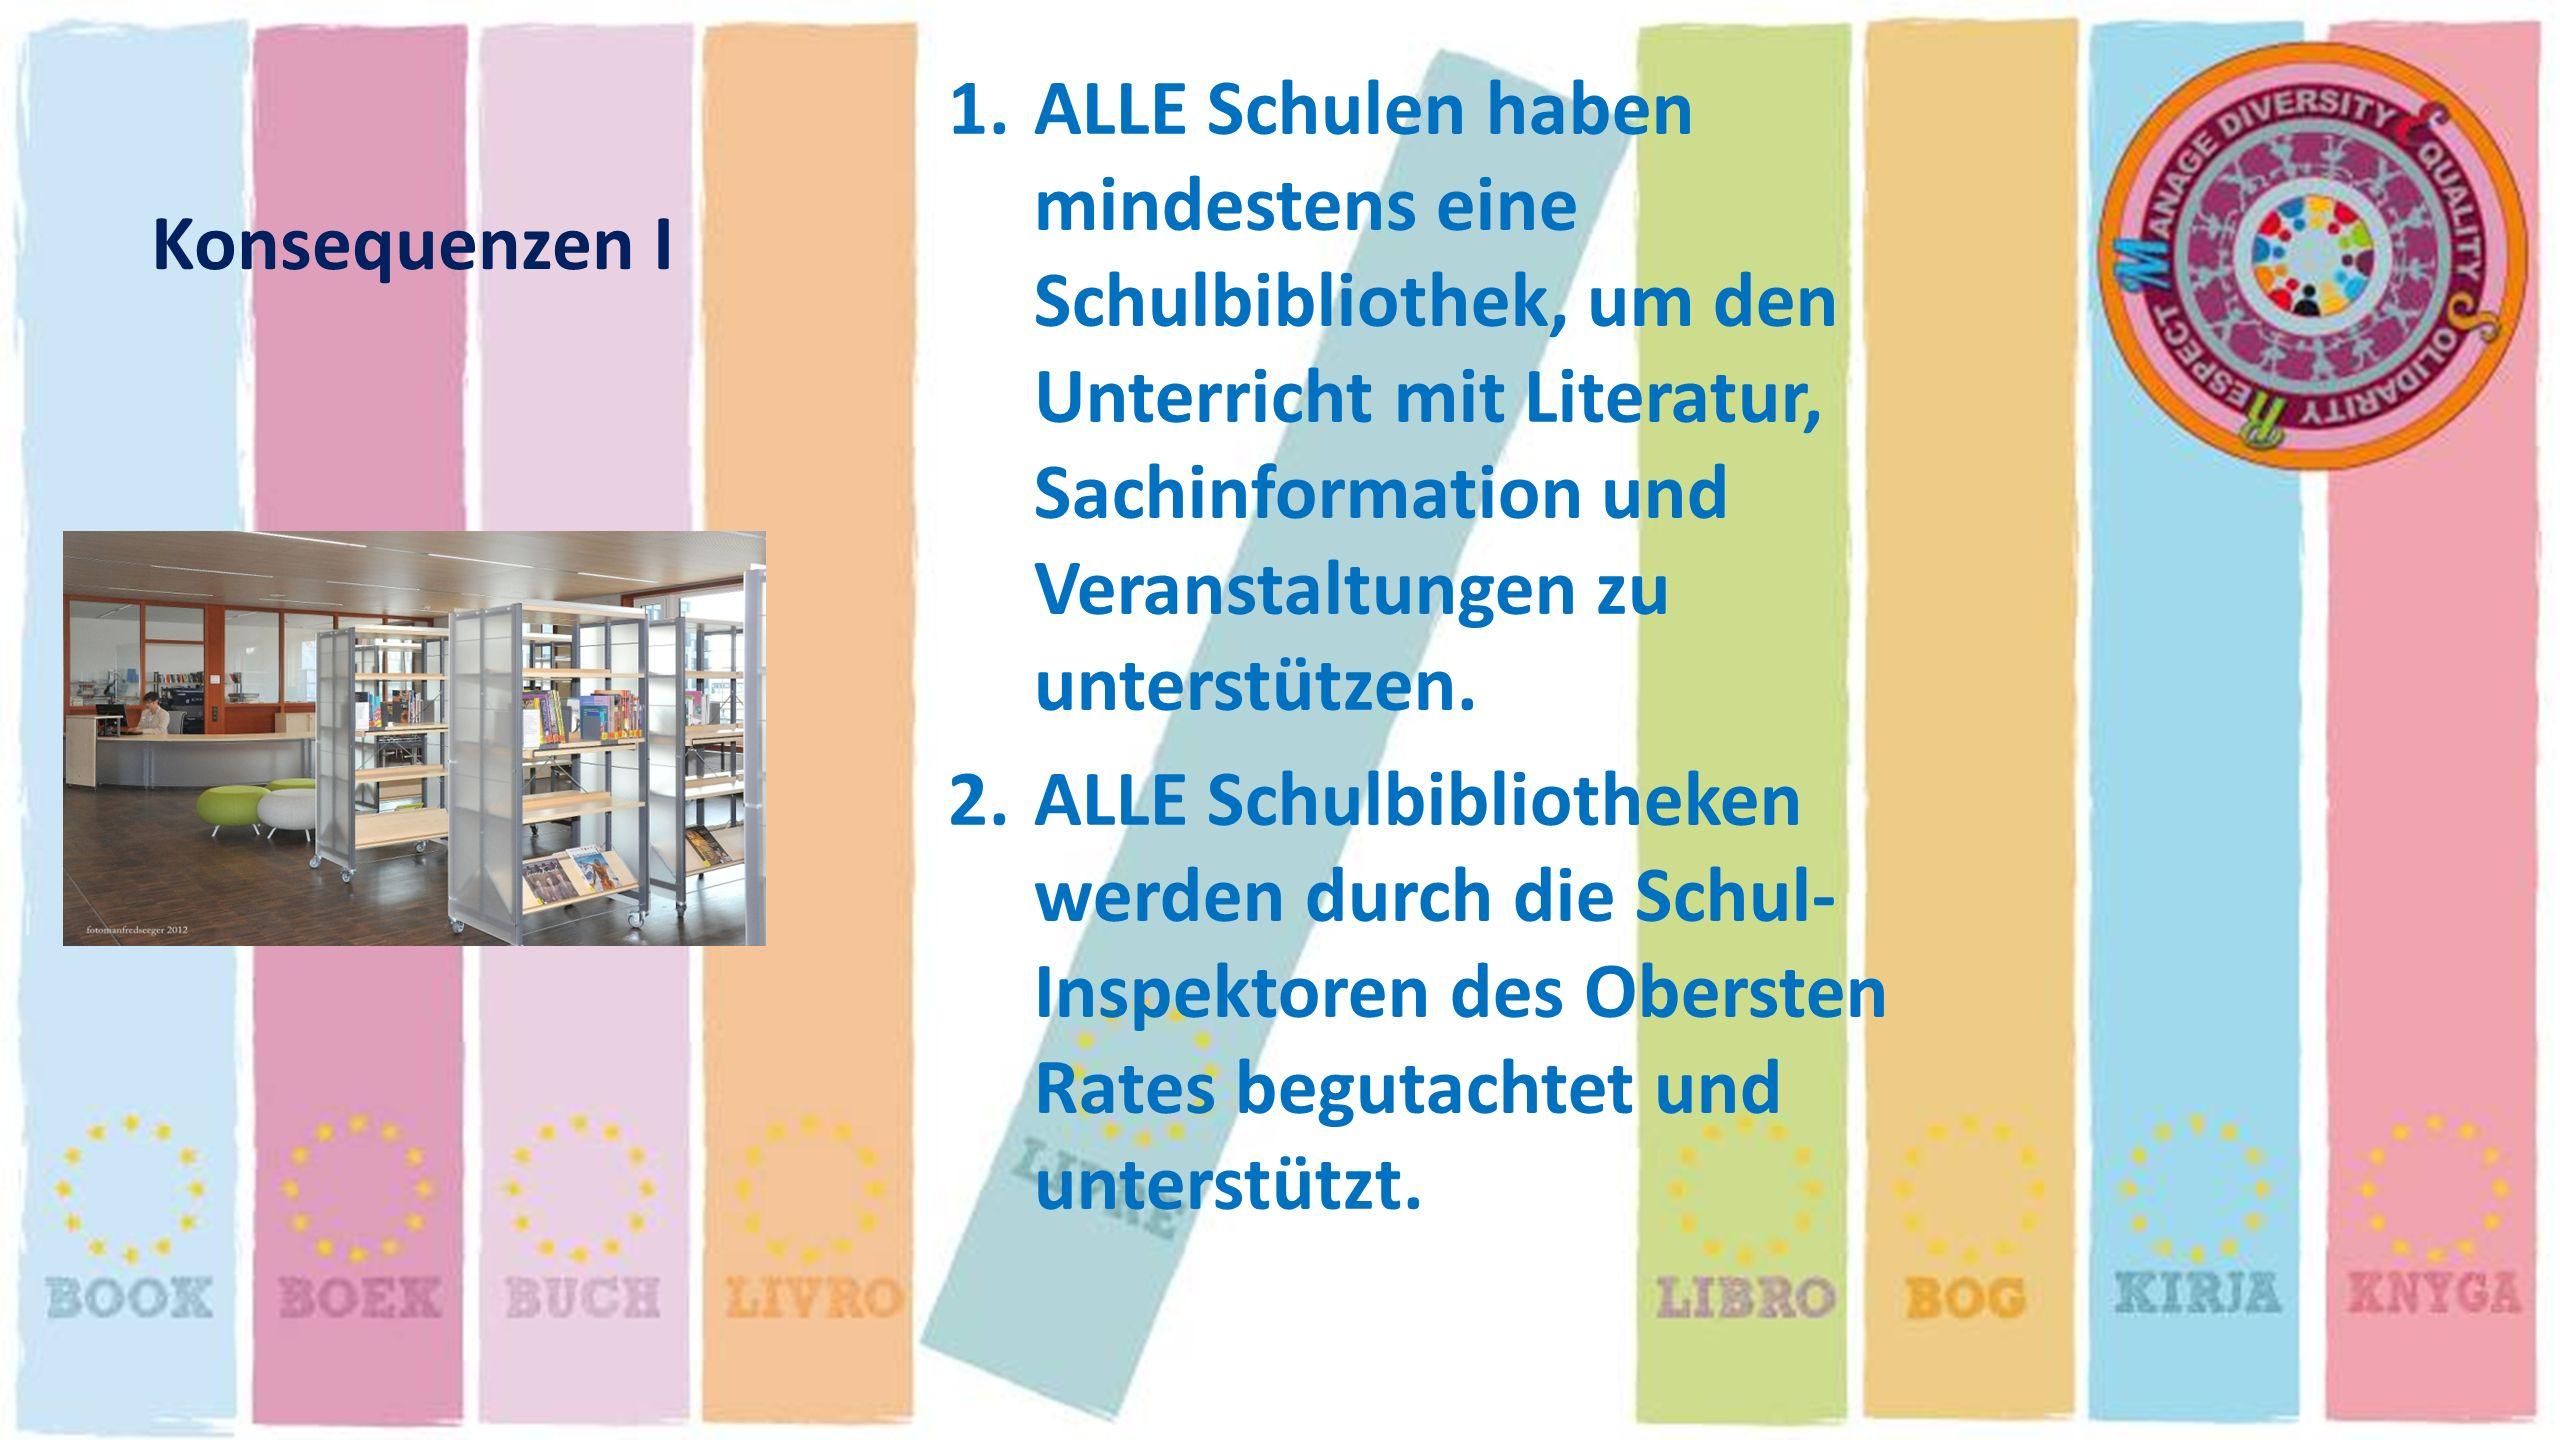 ALLE Schulen haben mindestens eine Schulbibliothek, um den Unterricht mit Literatur, Sachinformation und Veranstaltungen zu unterstützen.